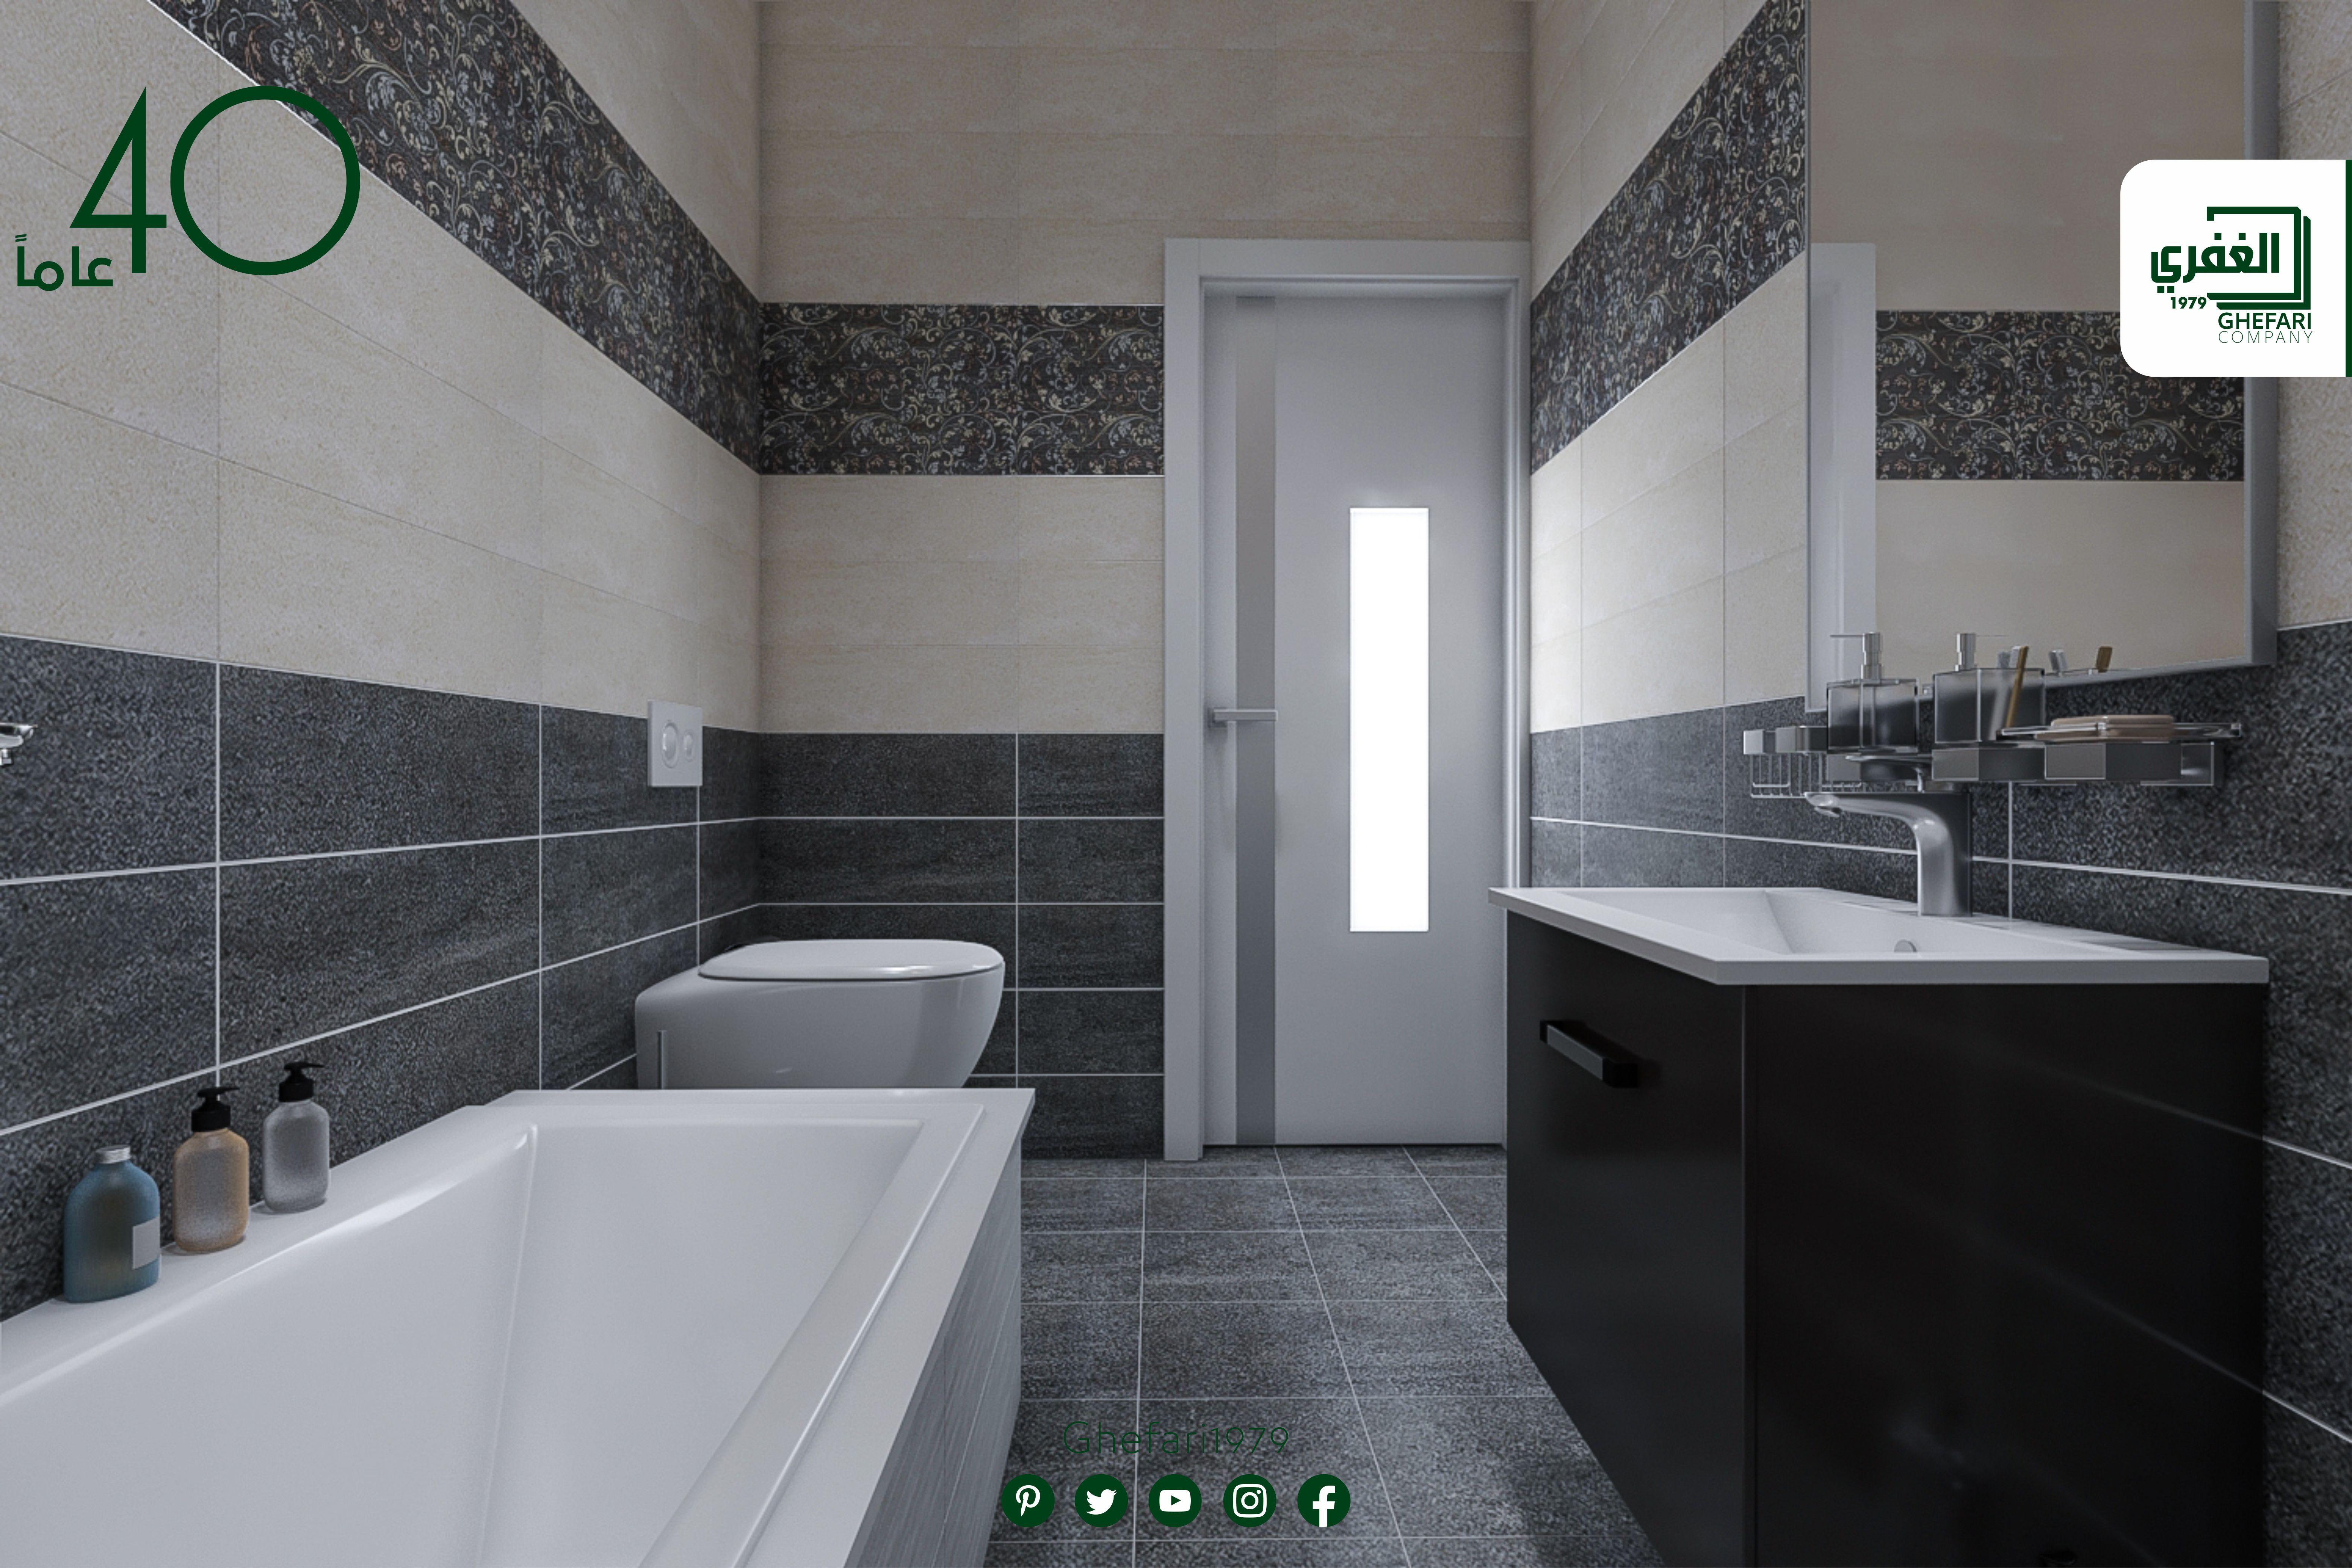 كراميكا حوائط حمامات مطبخ اسباني الصنع مقاس20x60 ديكور20x60 للمزيد زورونا على موقع الشركة Www Ghefari Com واتس اب 009725 Alcove Bathtub Bathtub Alcove